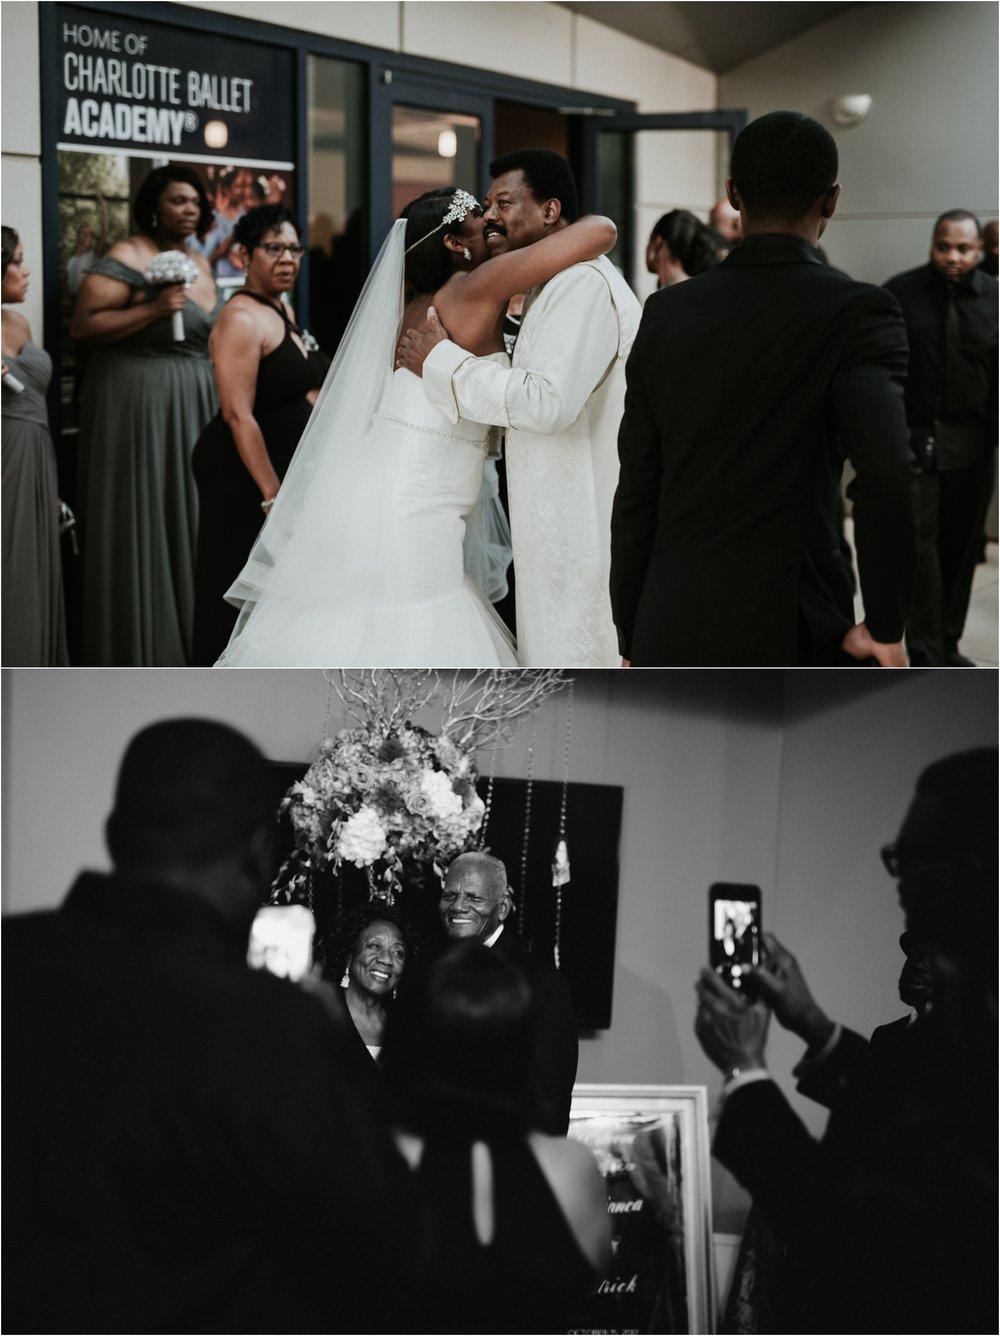 Charlotte-Ballet-Wedding-Photographer-59.jpg